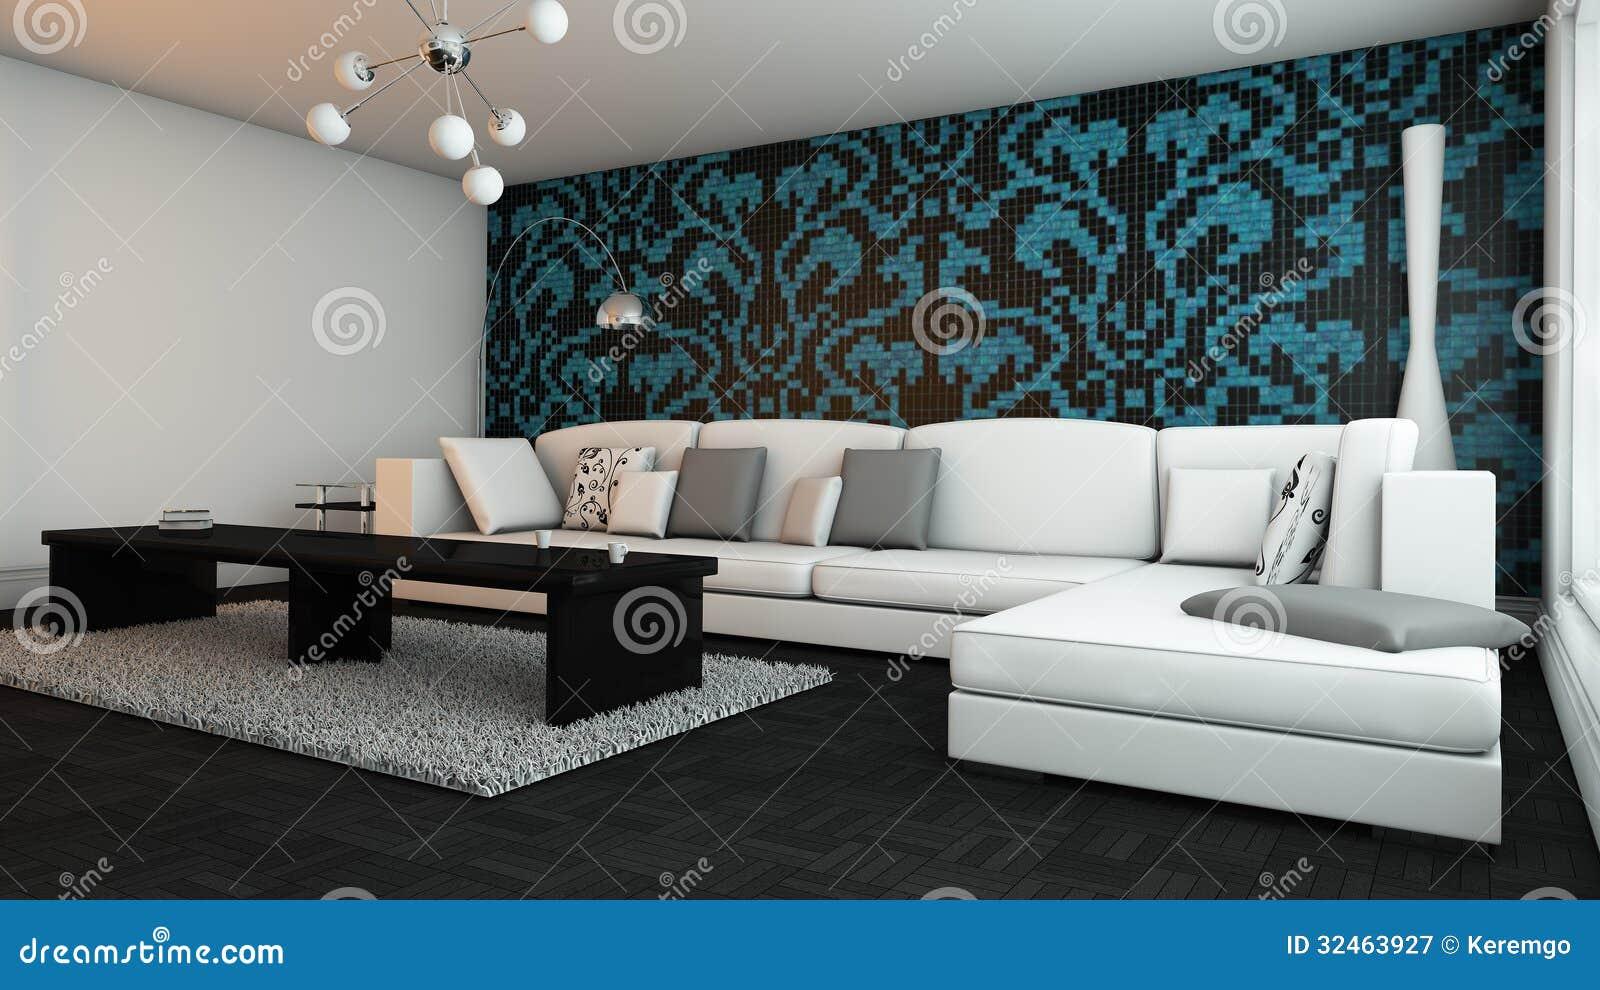 wohnzimmergestaltung 3d:Elegant Living Room